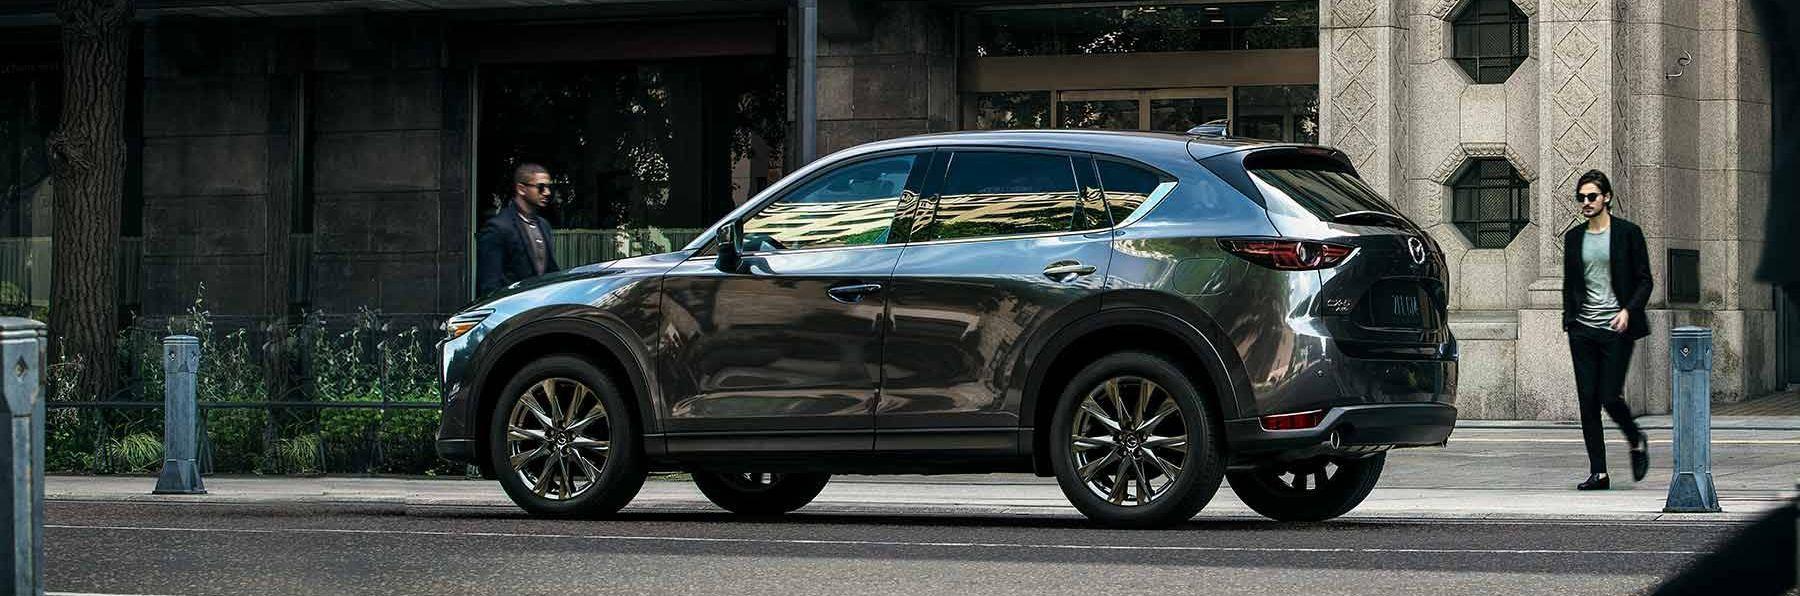 2019 Mazda CX-5 for Sale in St. Petersburg, FL